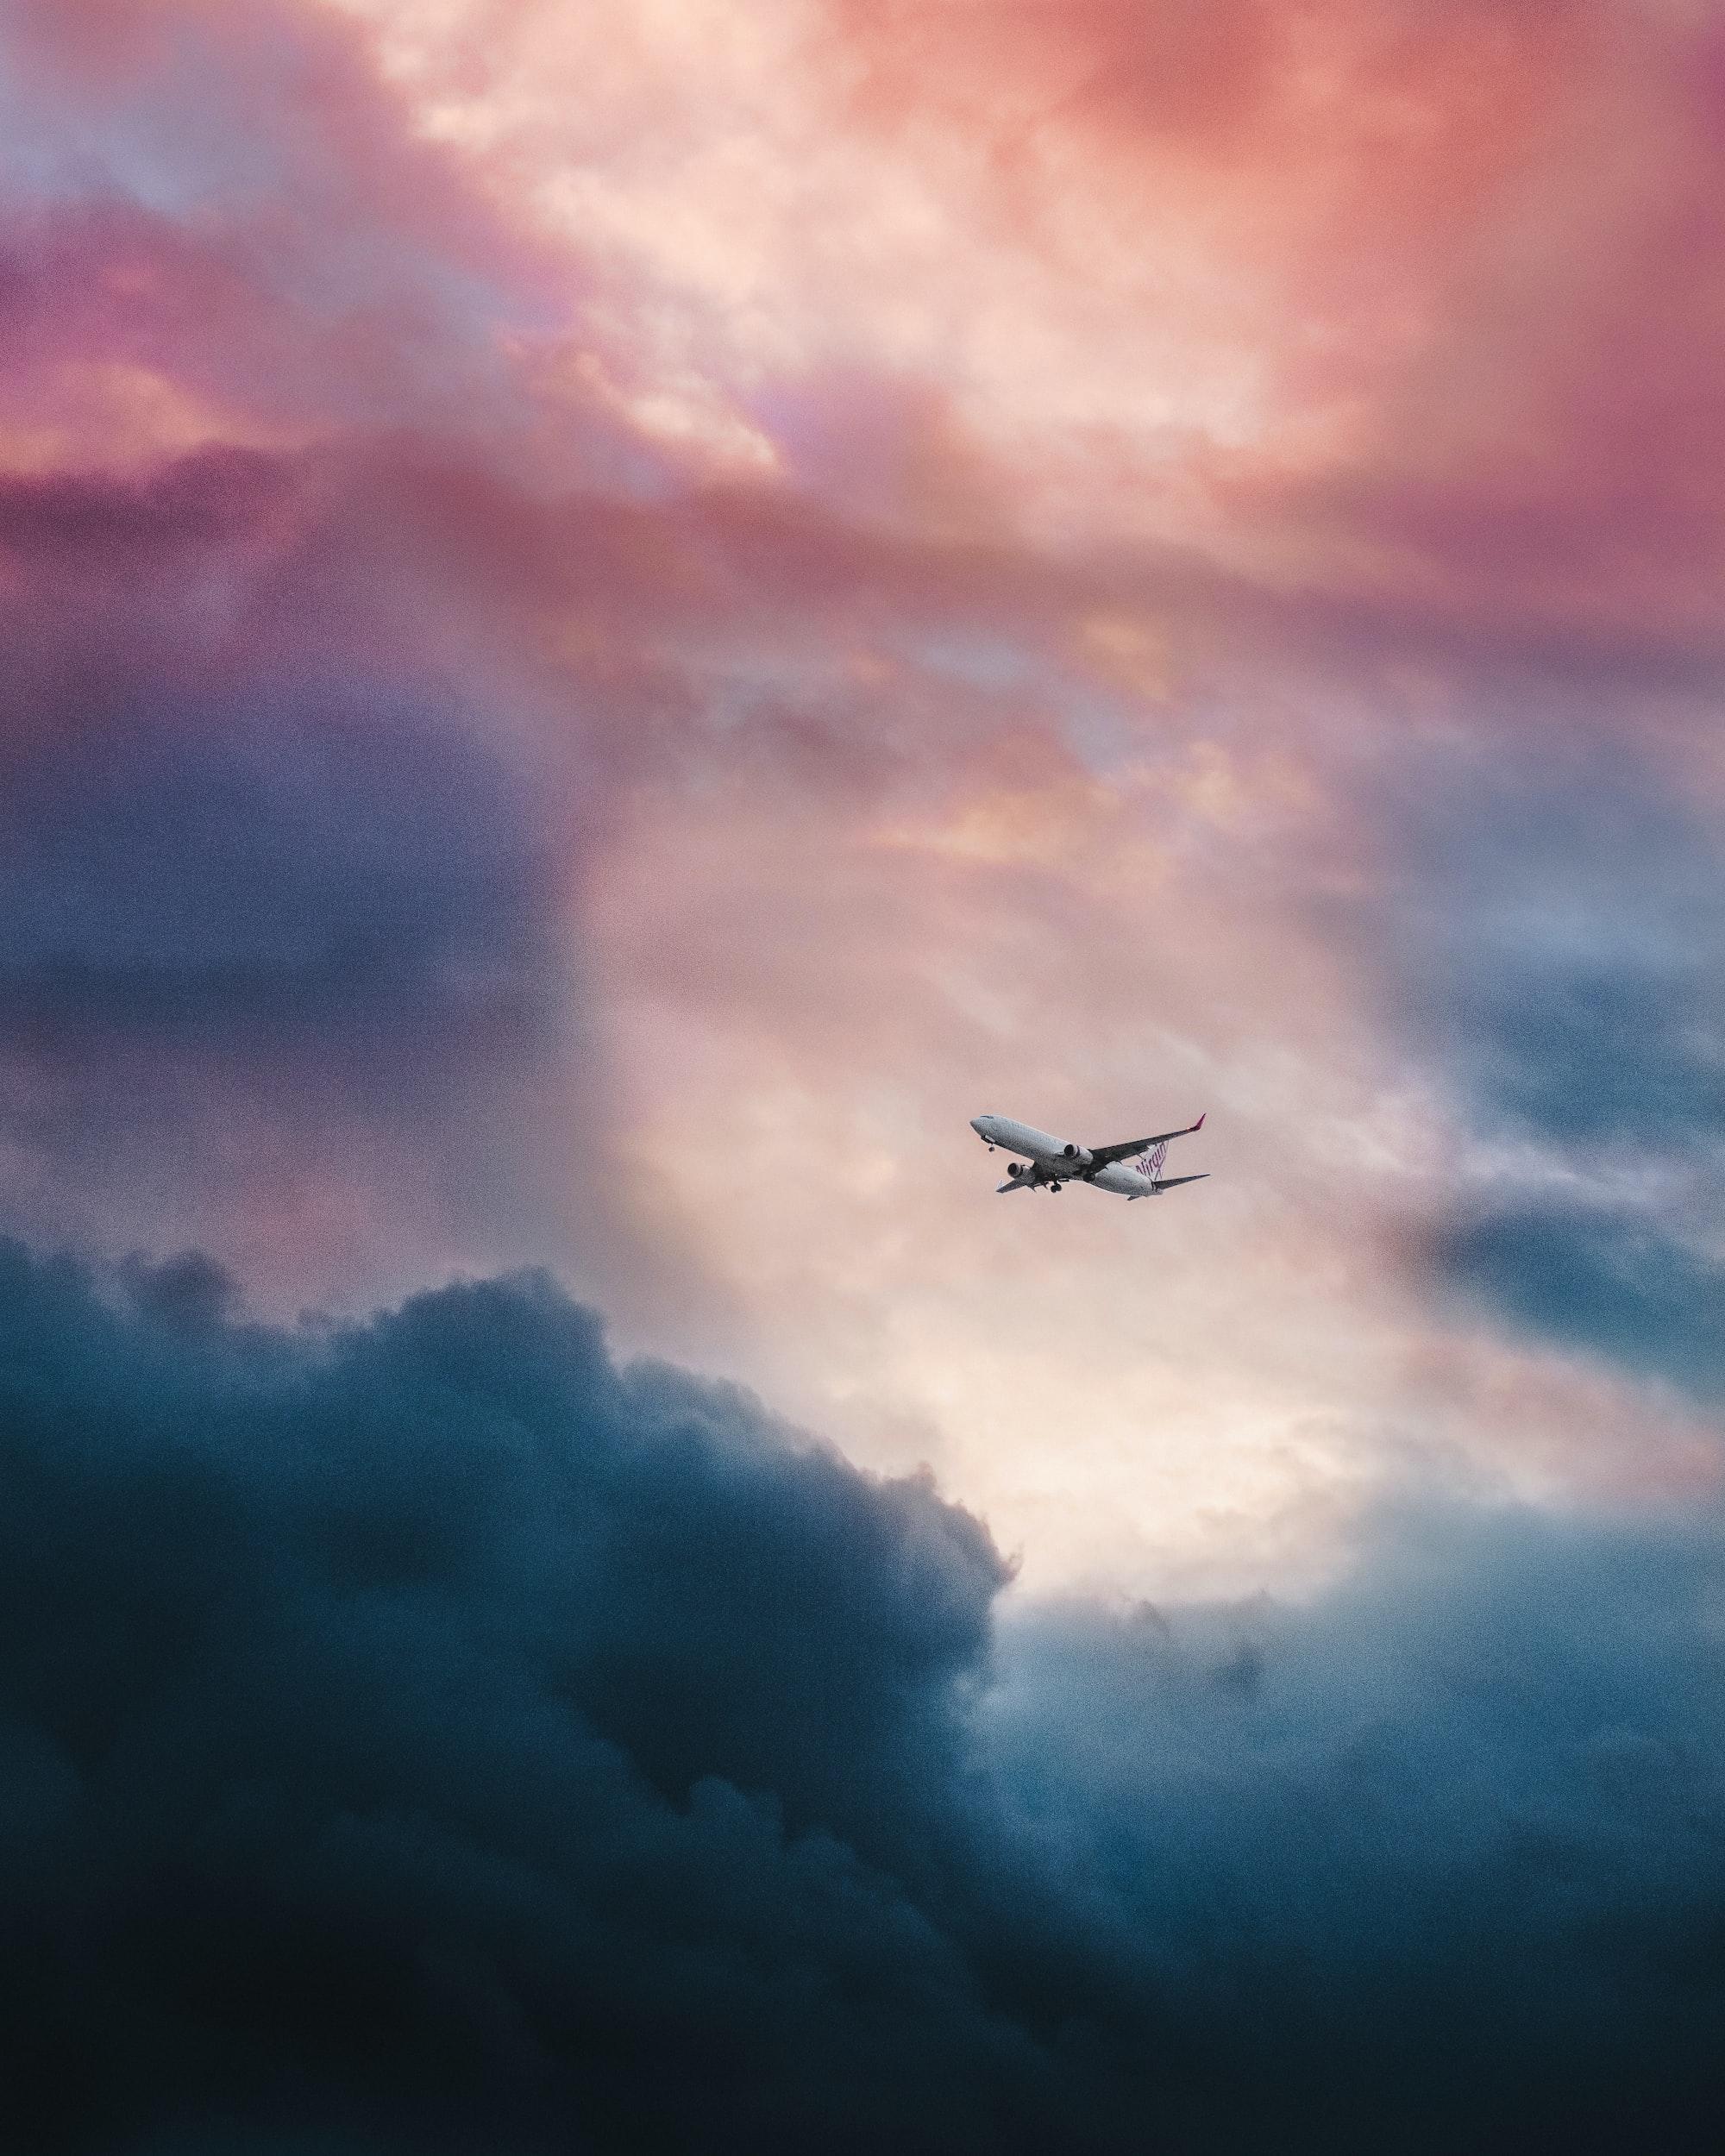 Fakta om flygets klimatpåverkan